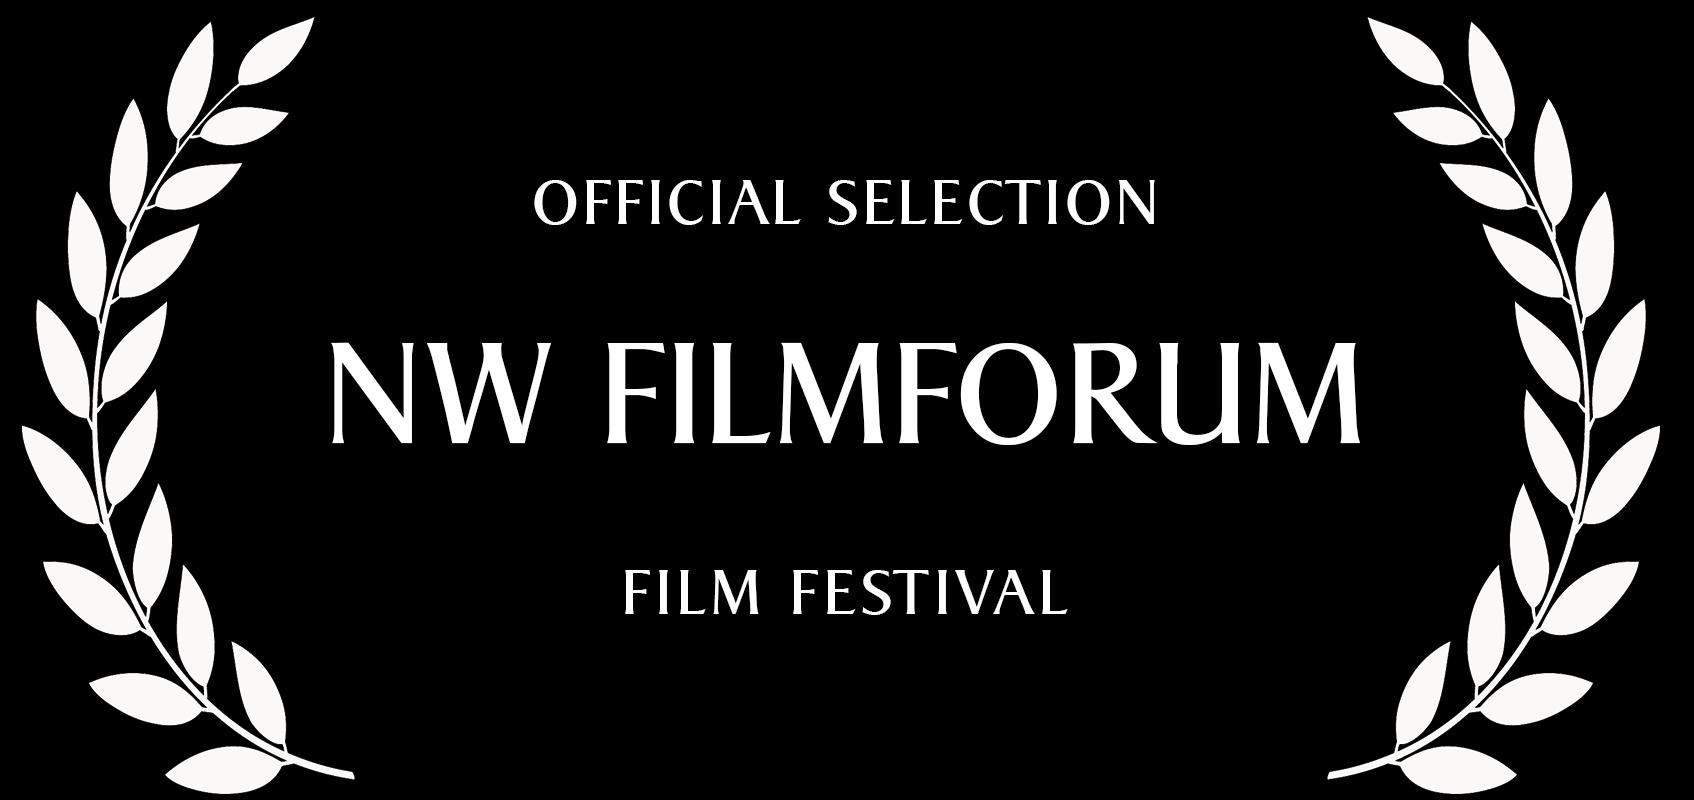 NW FILMFORUM.png